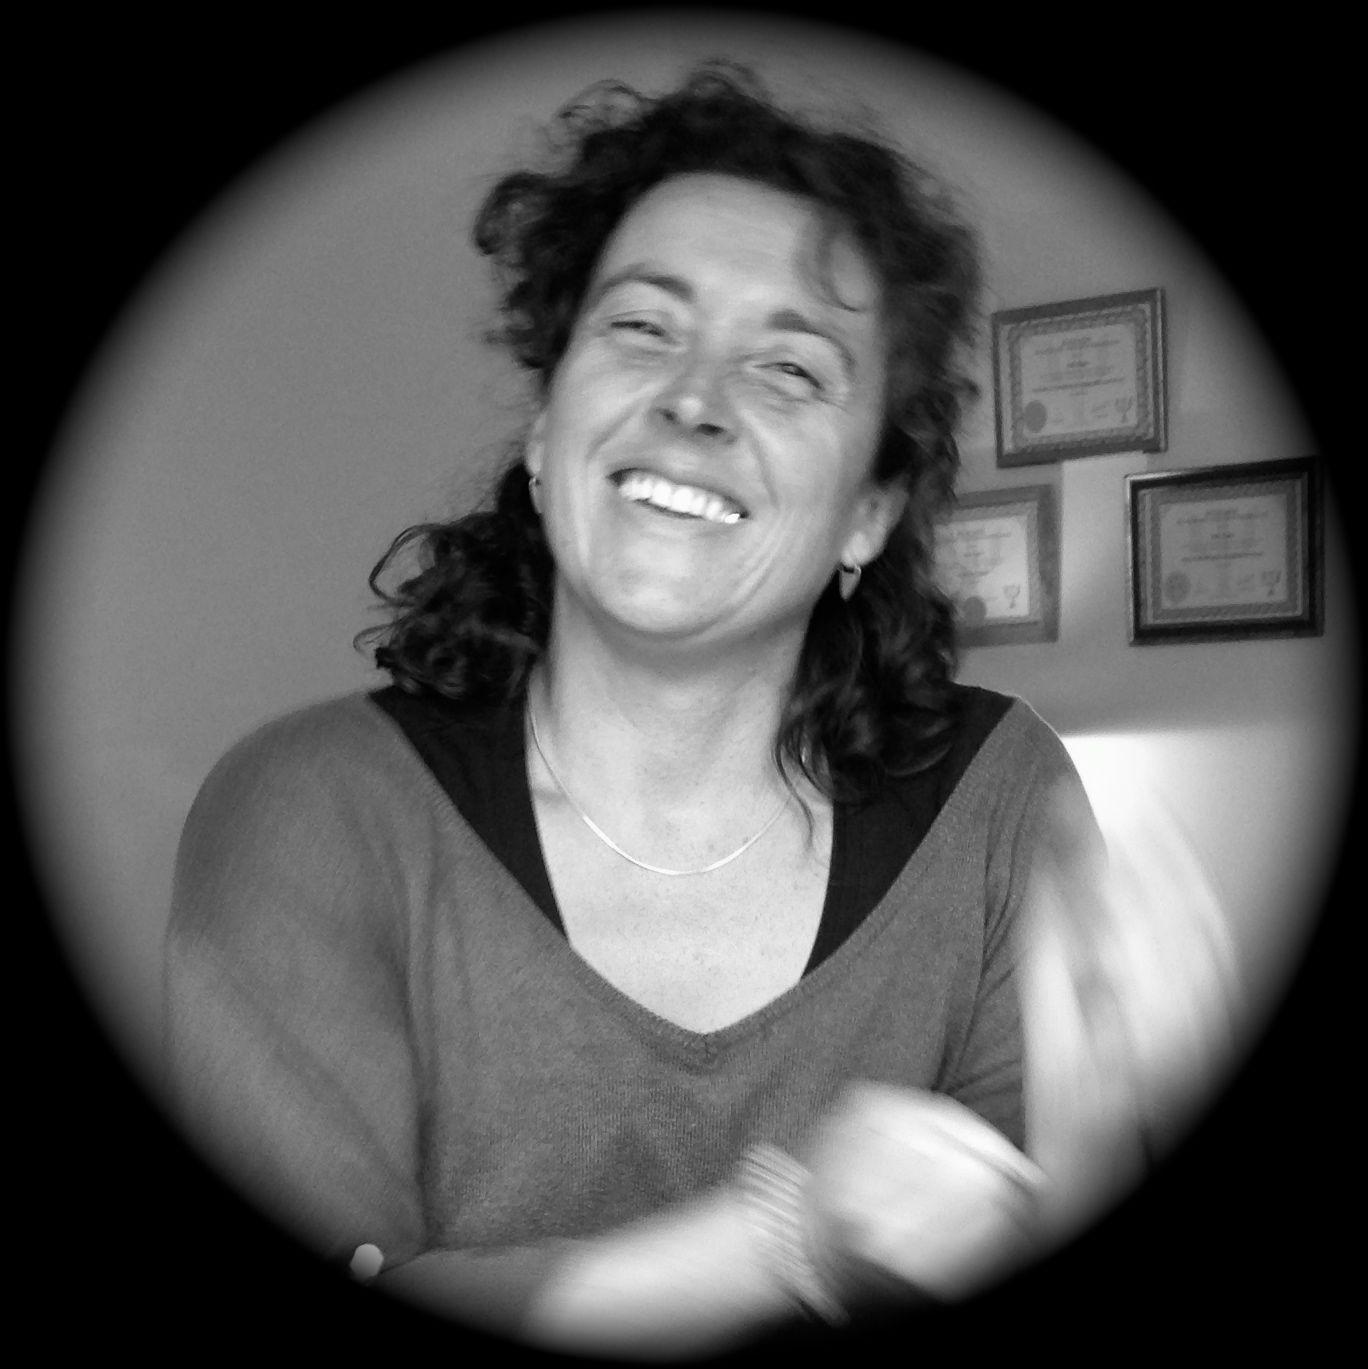 Julie Pepin